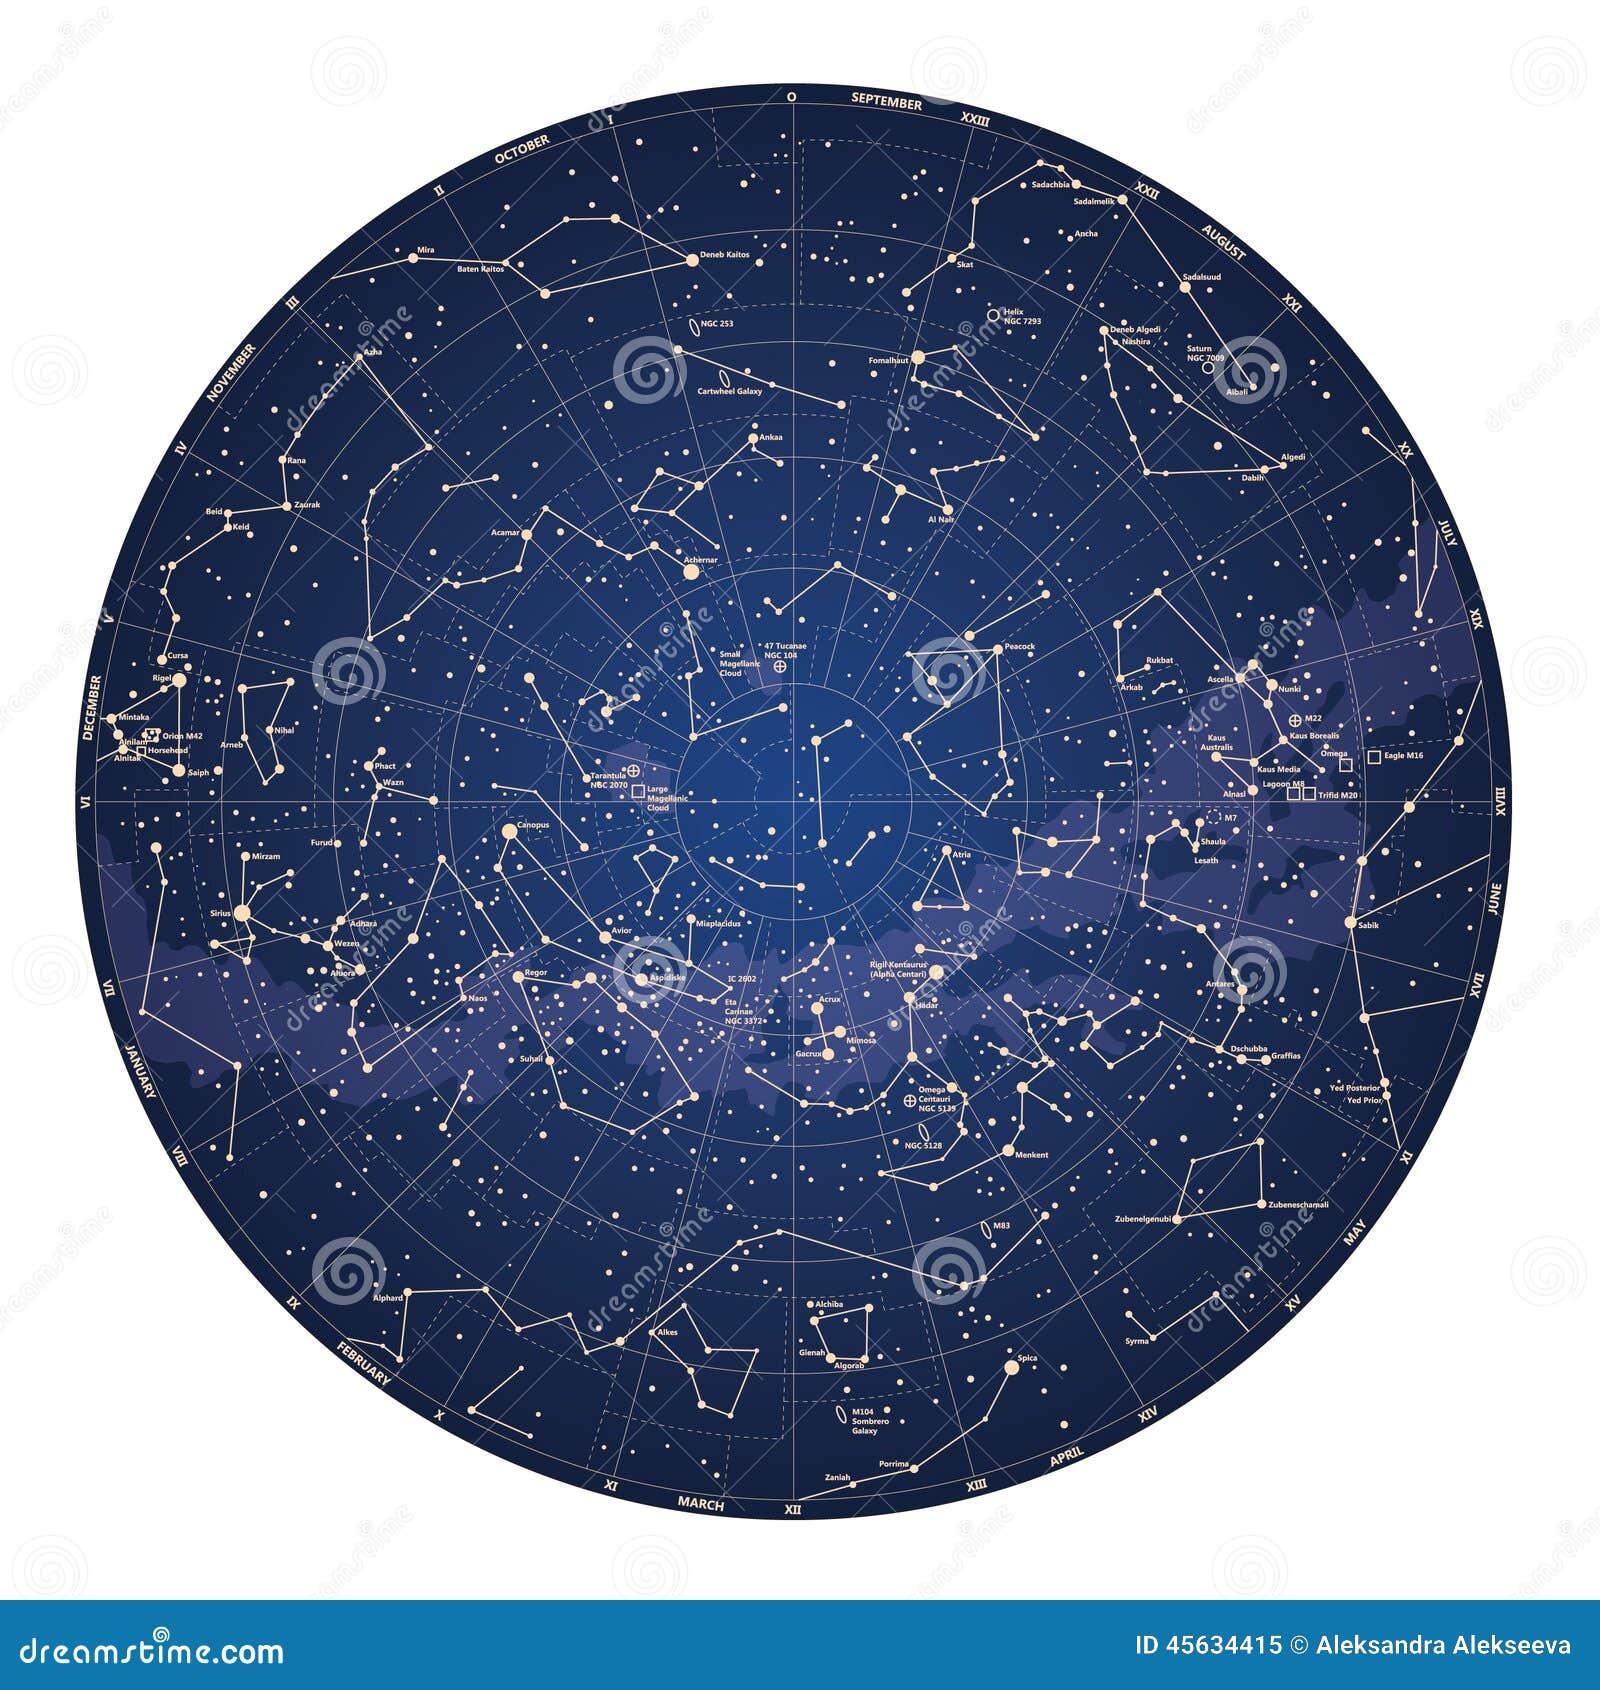 hohe ausf hrliche himmelkarte der s dlichen hemisph re mit namen von sternen vektor abbildung. Black Bedroom Furniture Sets. Home Design Ideas